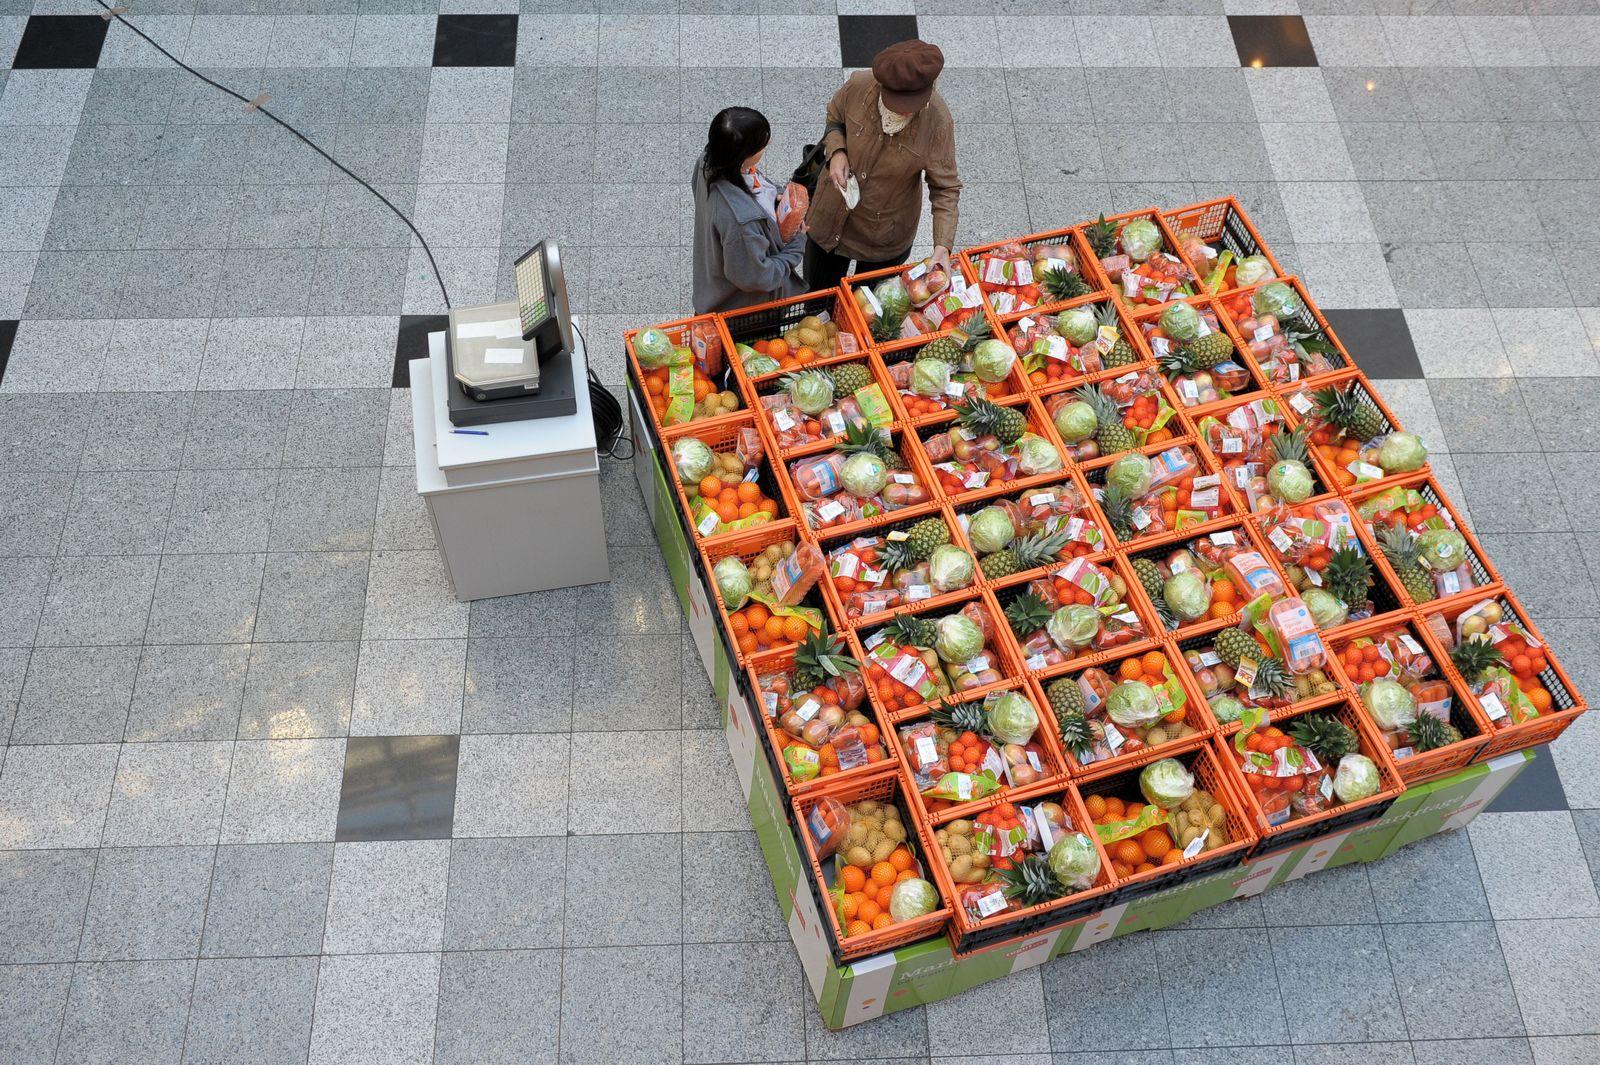 NICHT VERWENDEN Obst / Gemüse / Verkaufsstand